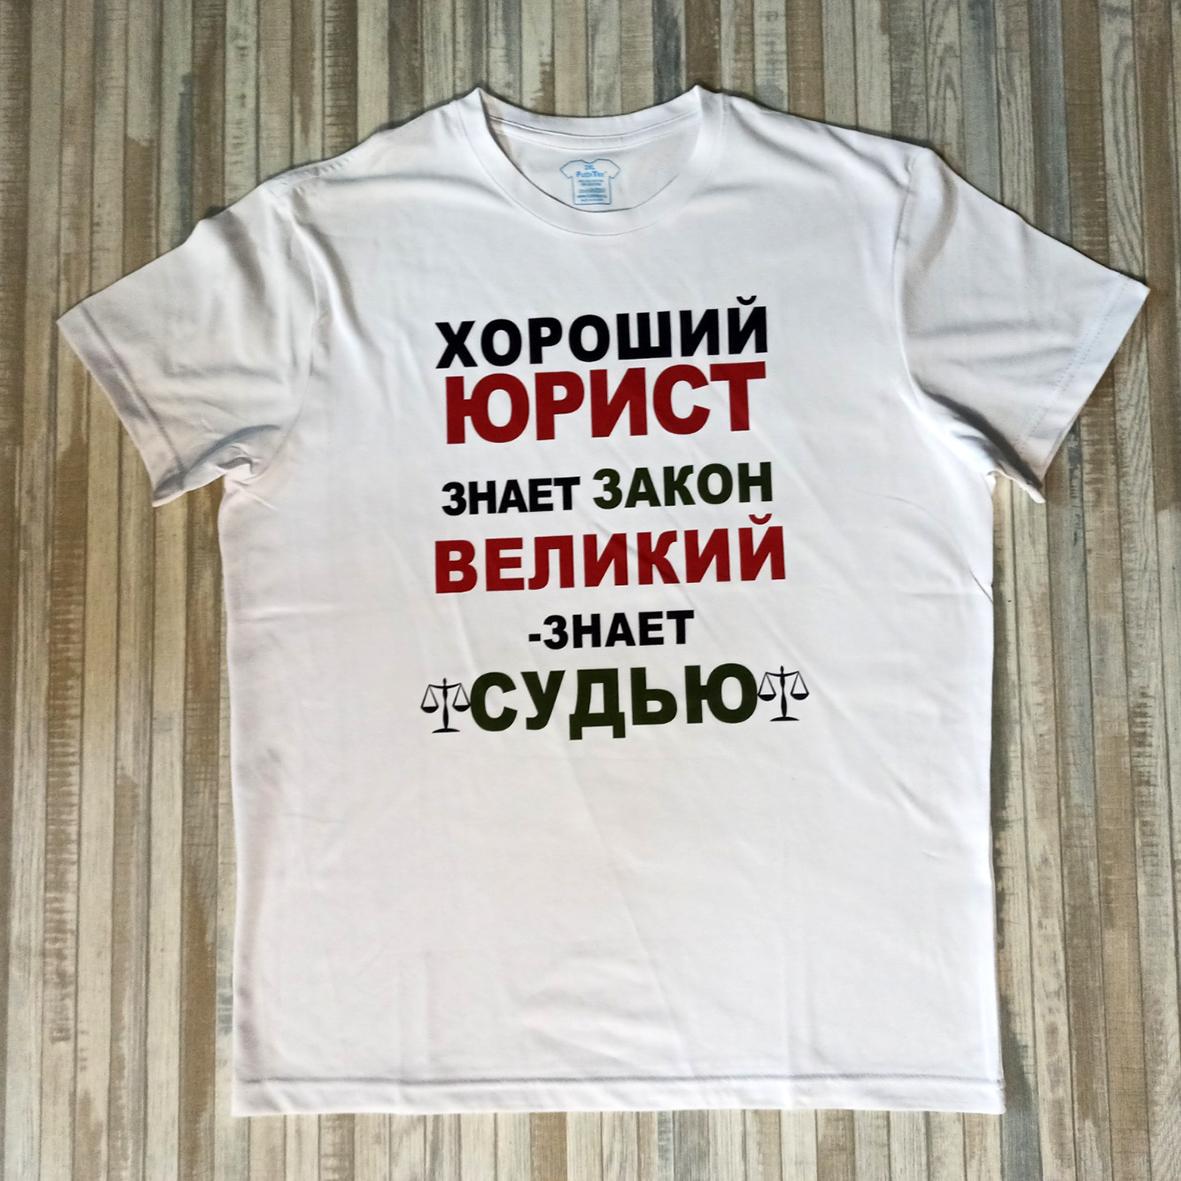 футболка для юриста